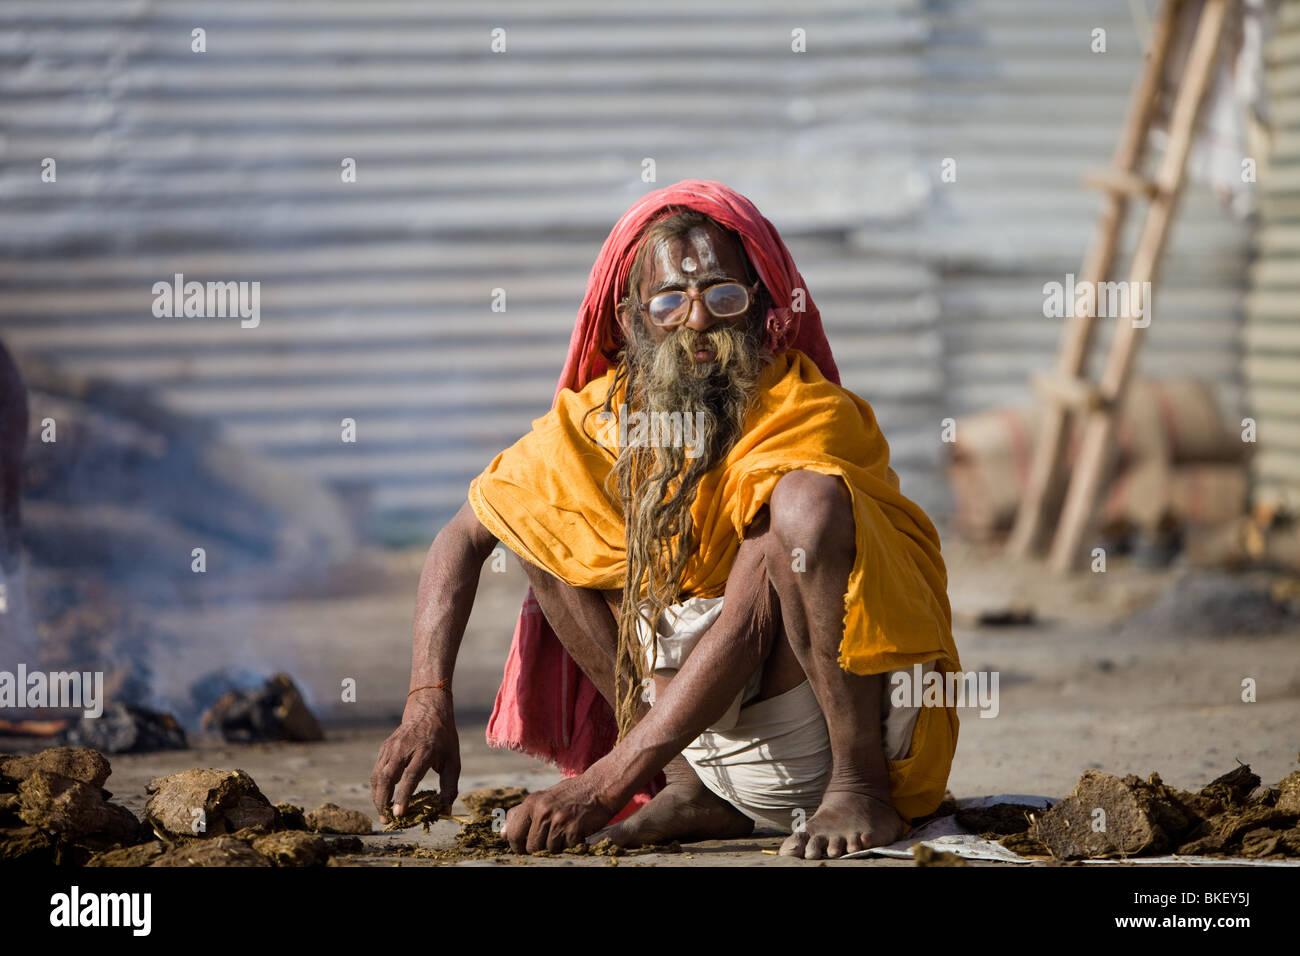 Sadhu at the Kumbh Mela - Stock Image